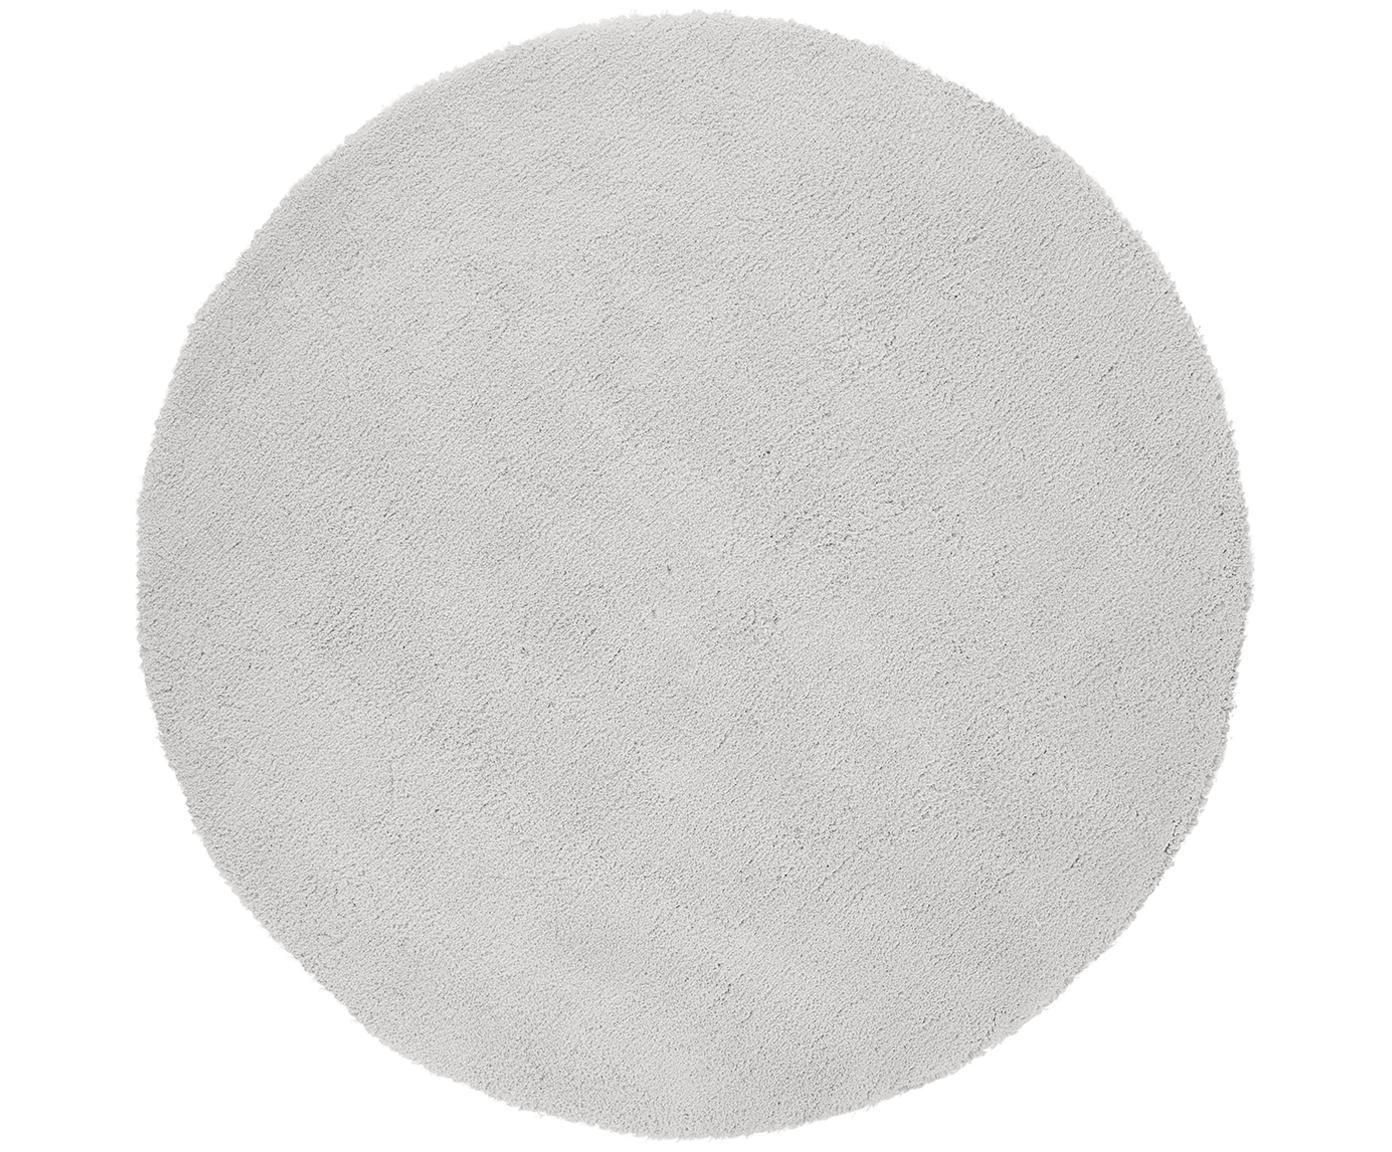 Flauschiger Runder Hochflor-Teppich Leighton in Hellgrau, Flor: 100% Polyester (Mikrofase, Hellgrau, Ø 200 cm (Grösse L)